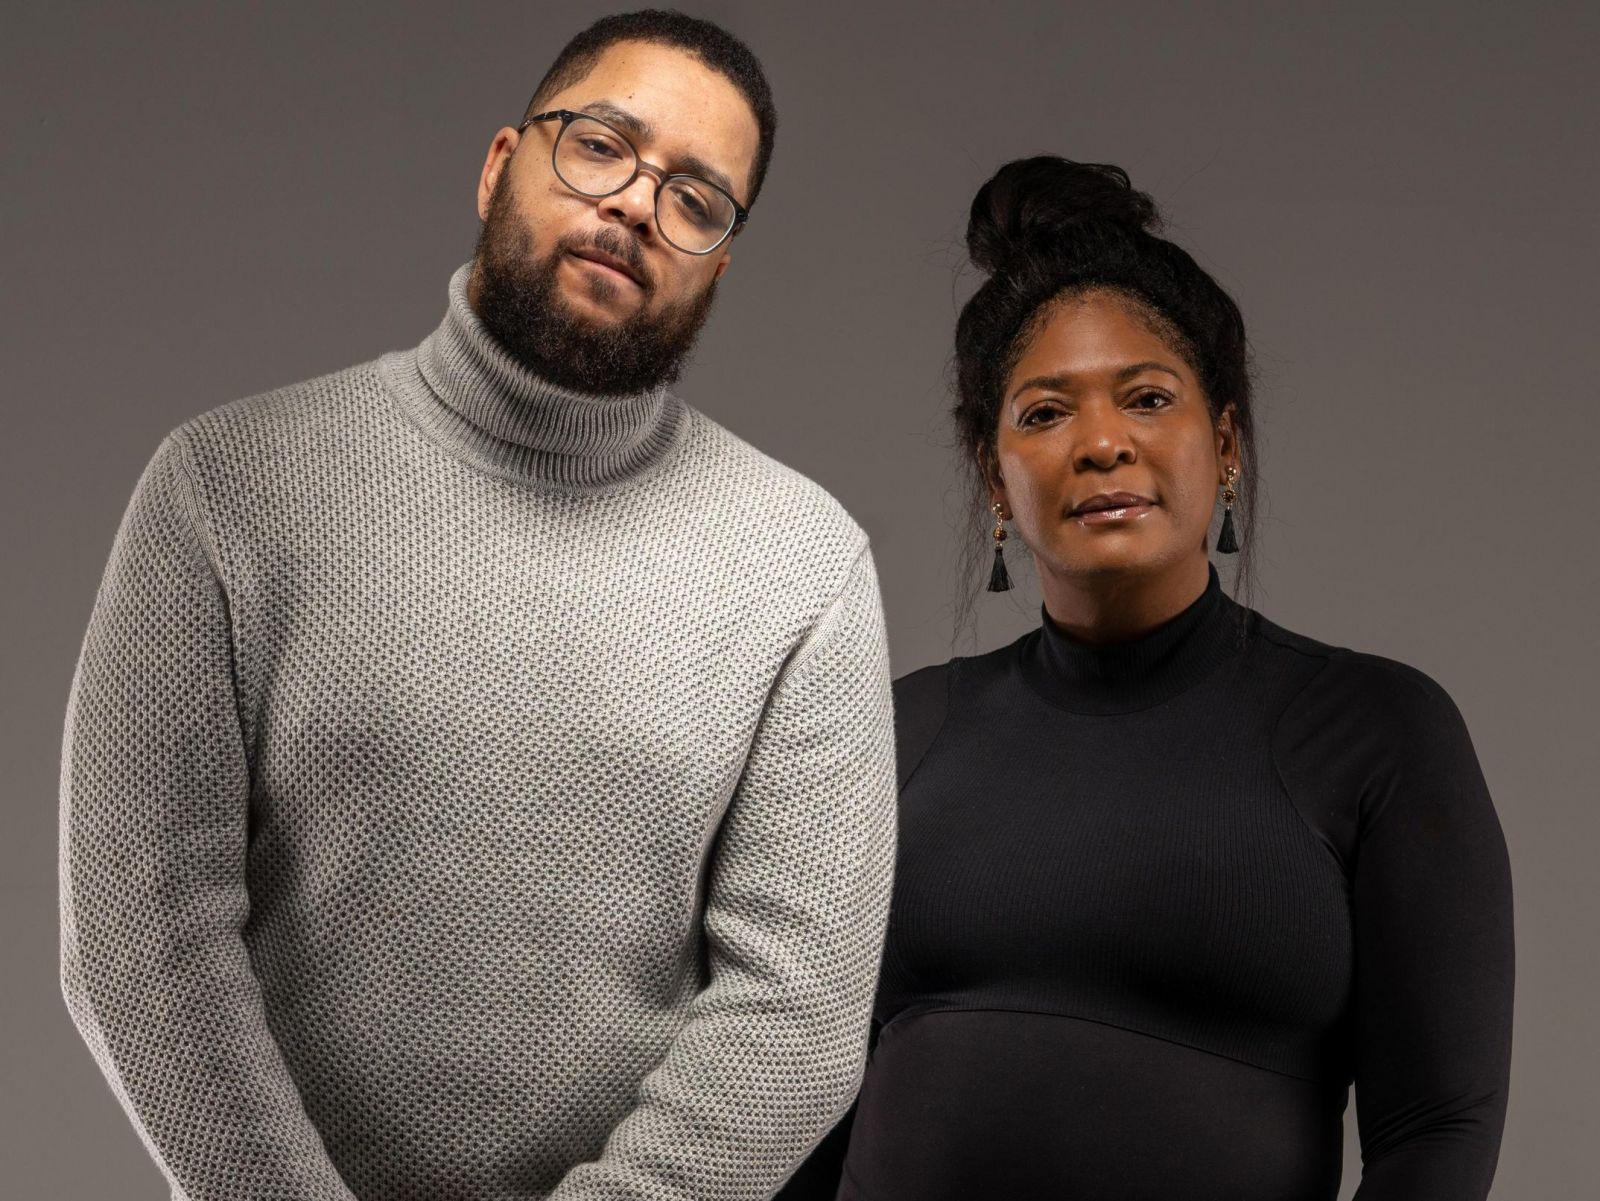 Jennifer Dyer và Kiaran Sim là những người đồng sáng lập Yappa. ĐƯỢC PHÉP CỦA YAPPA